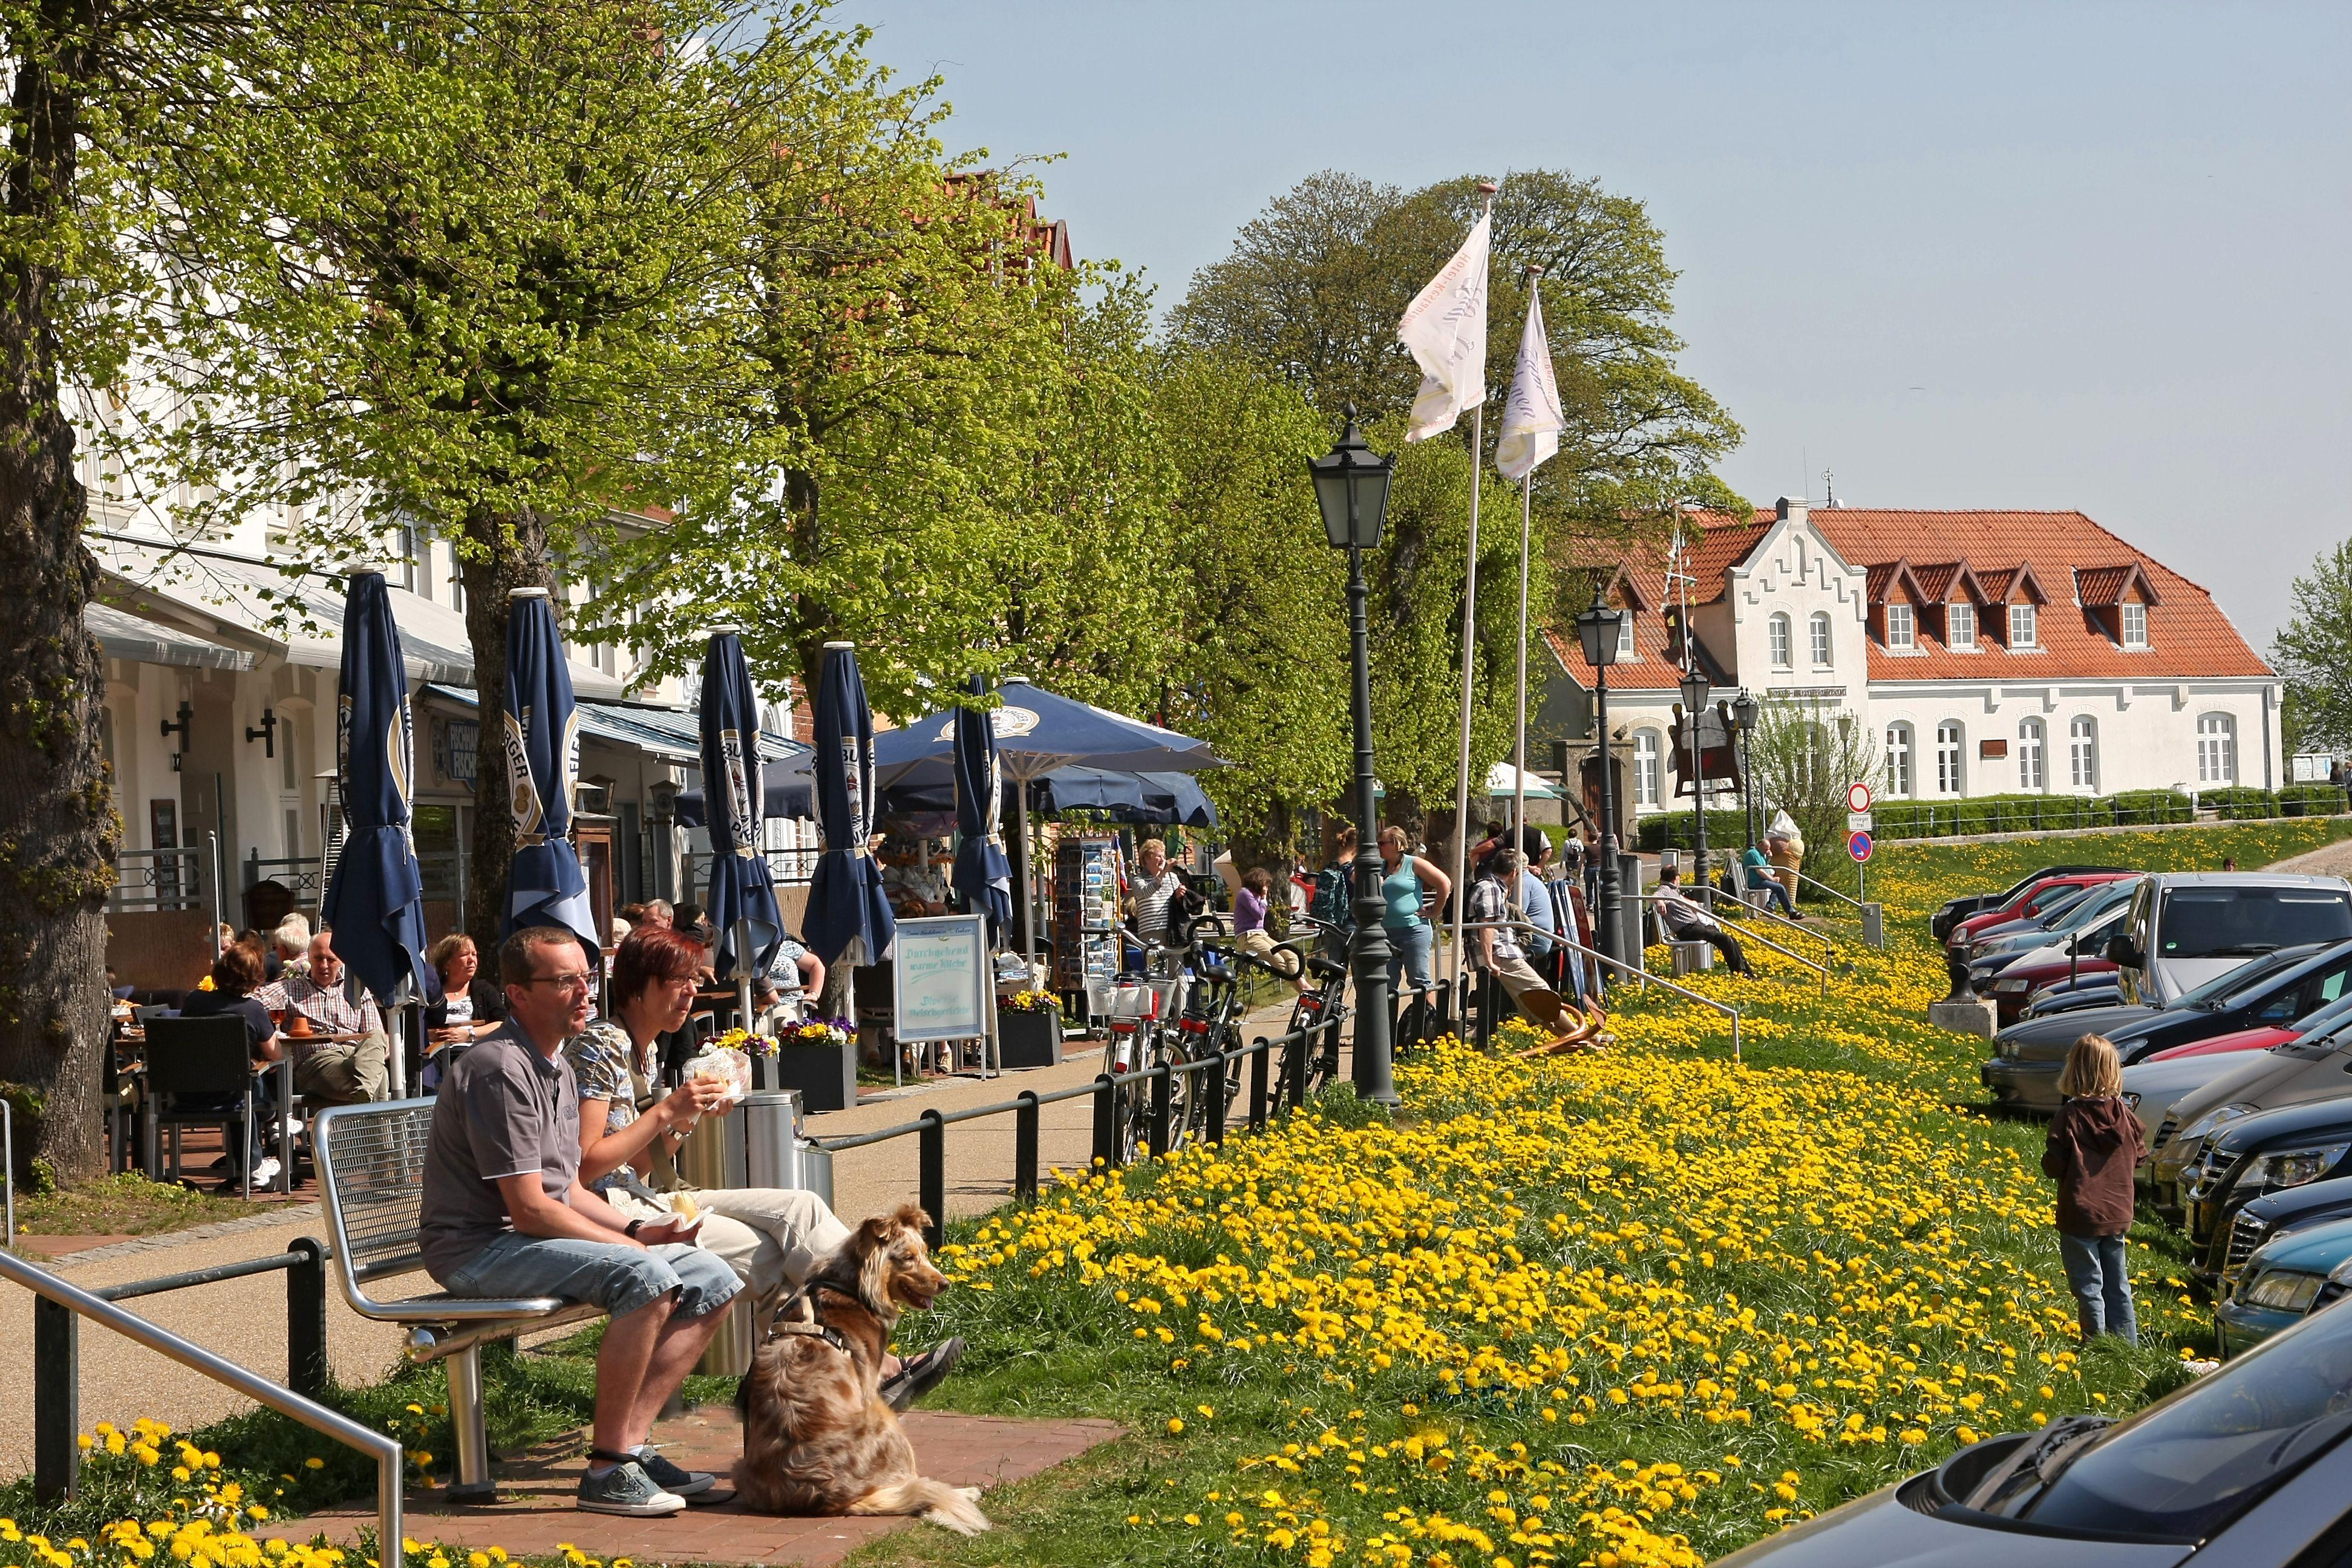 Entspannen an der Hafen Promenande in Tönning. Mehr auf www.toenning.de